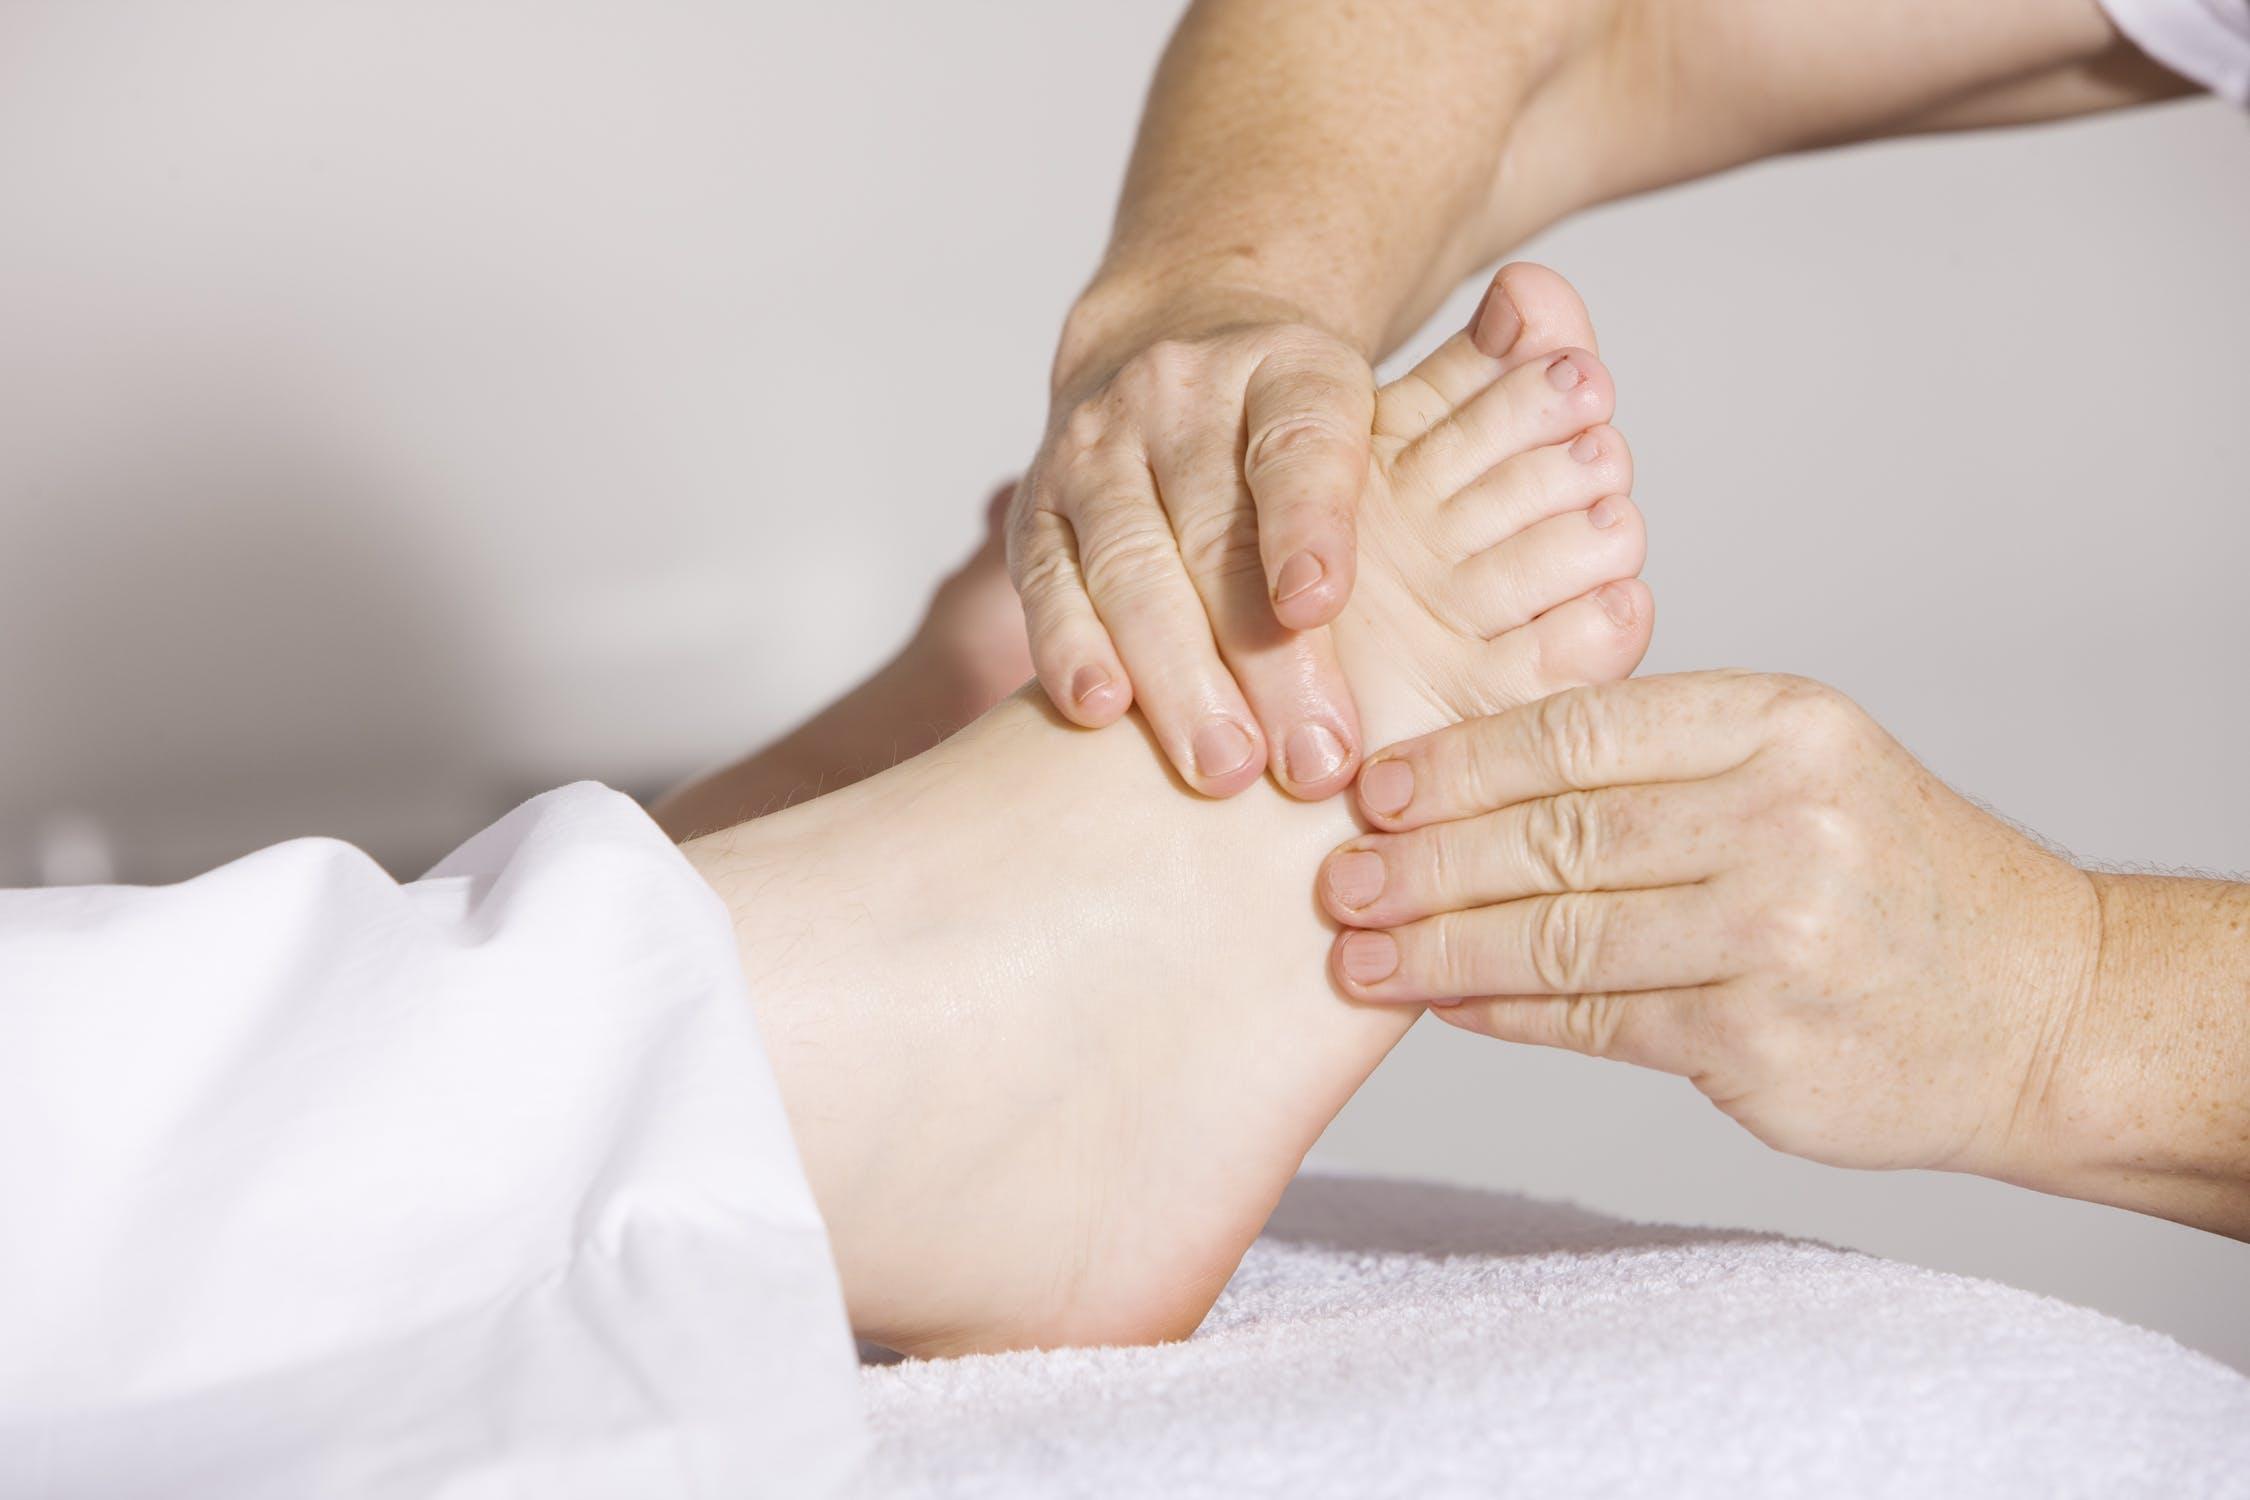 Jakie wkładki ortopedyczne wybrać?